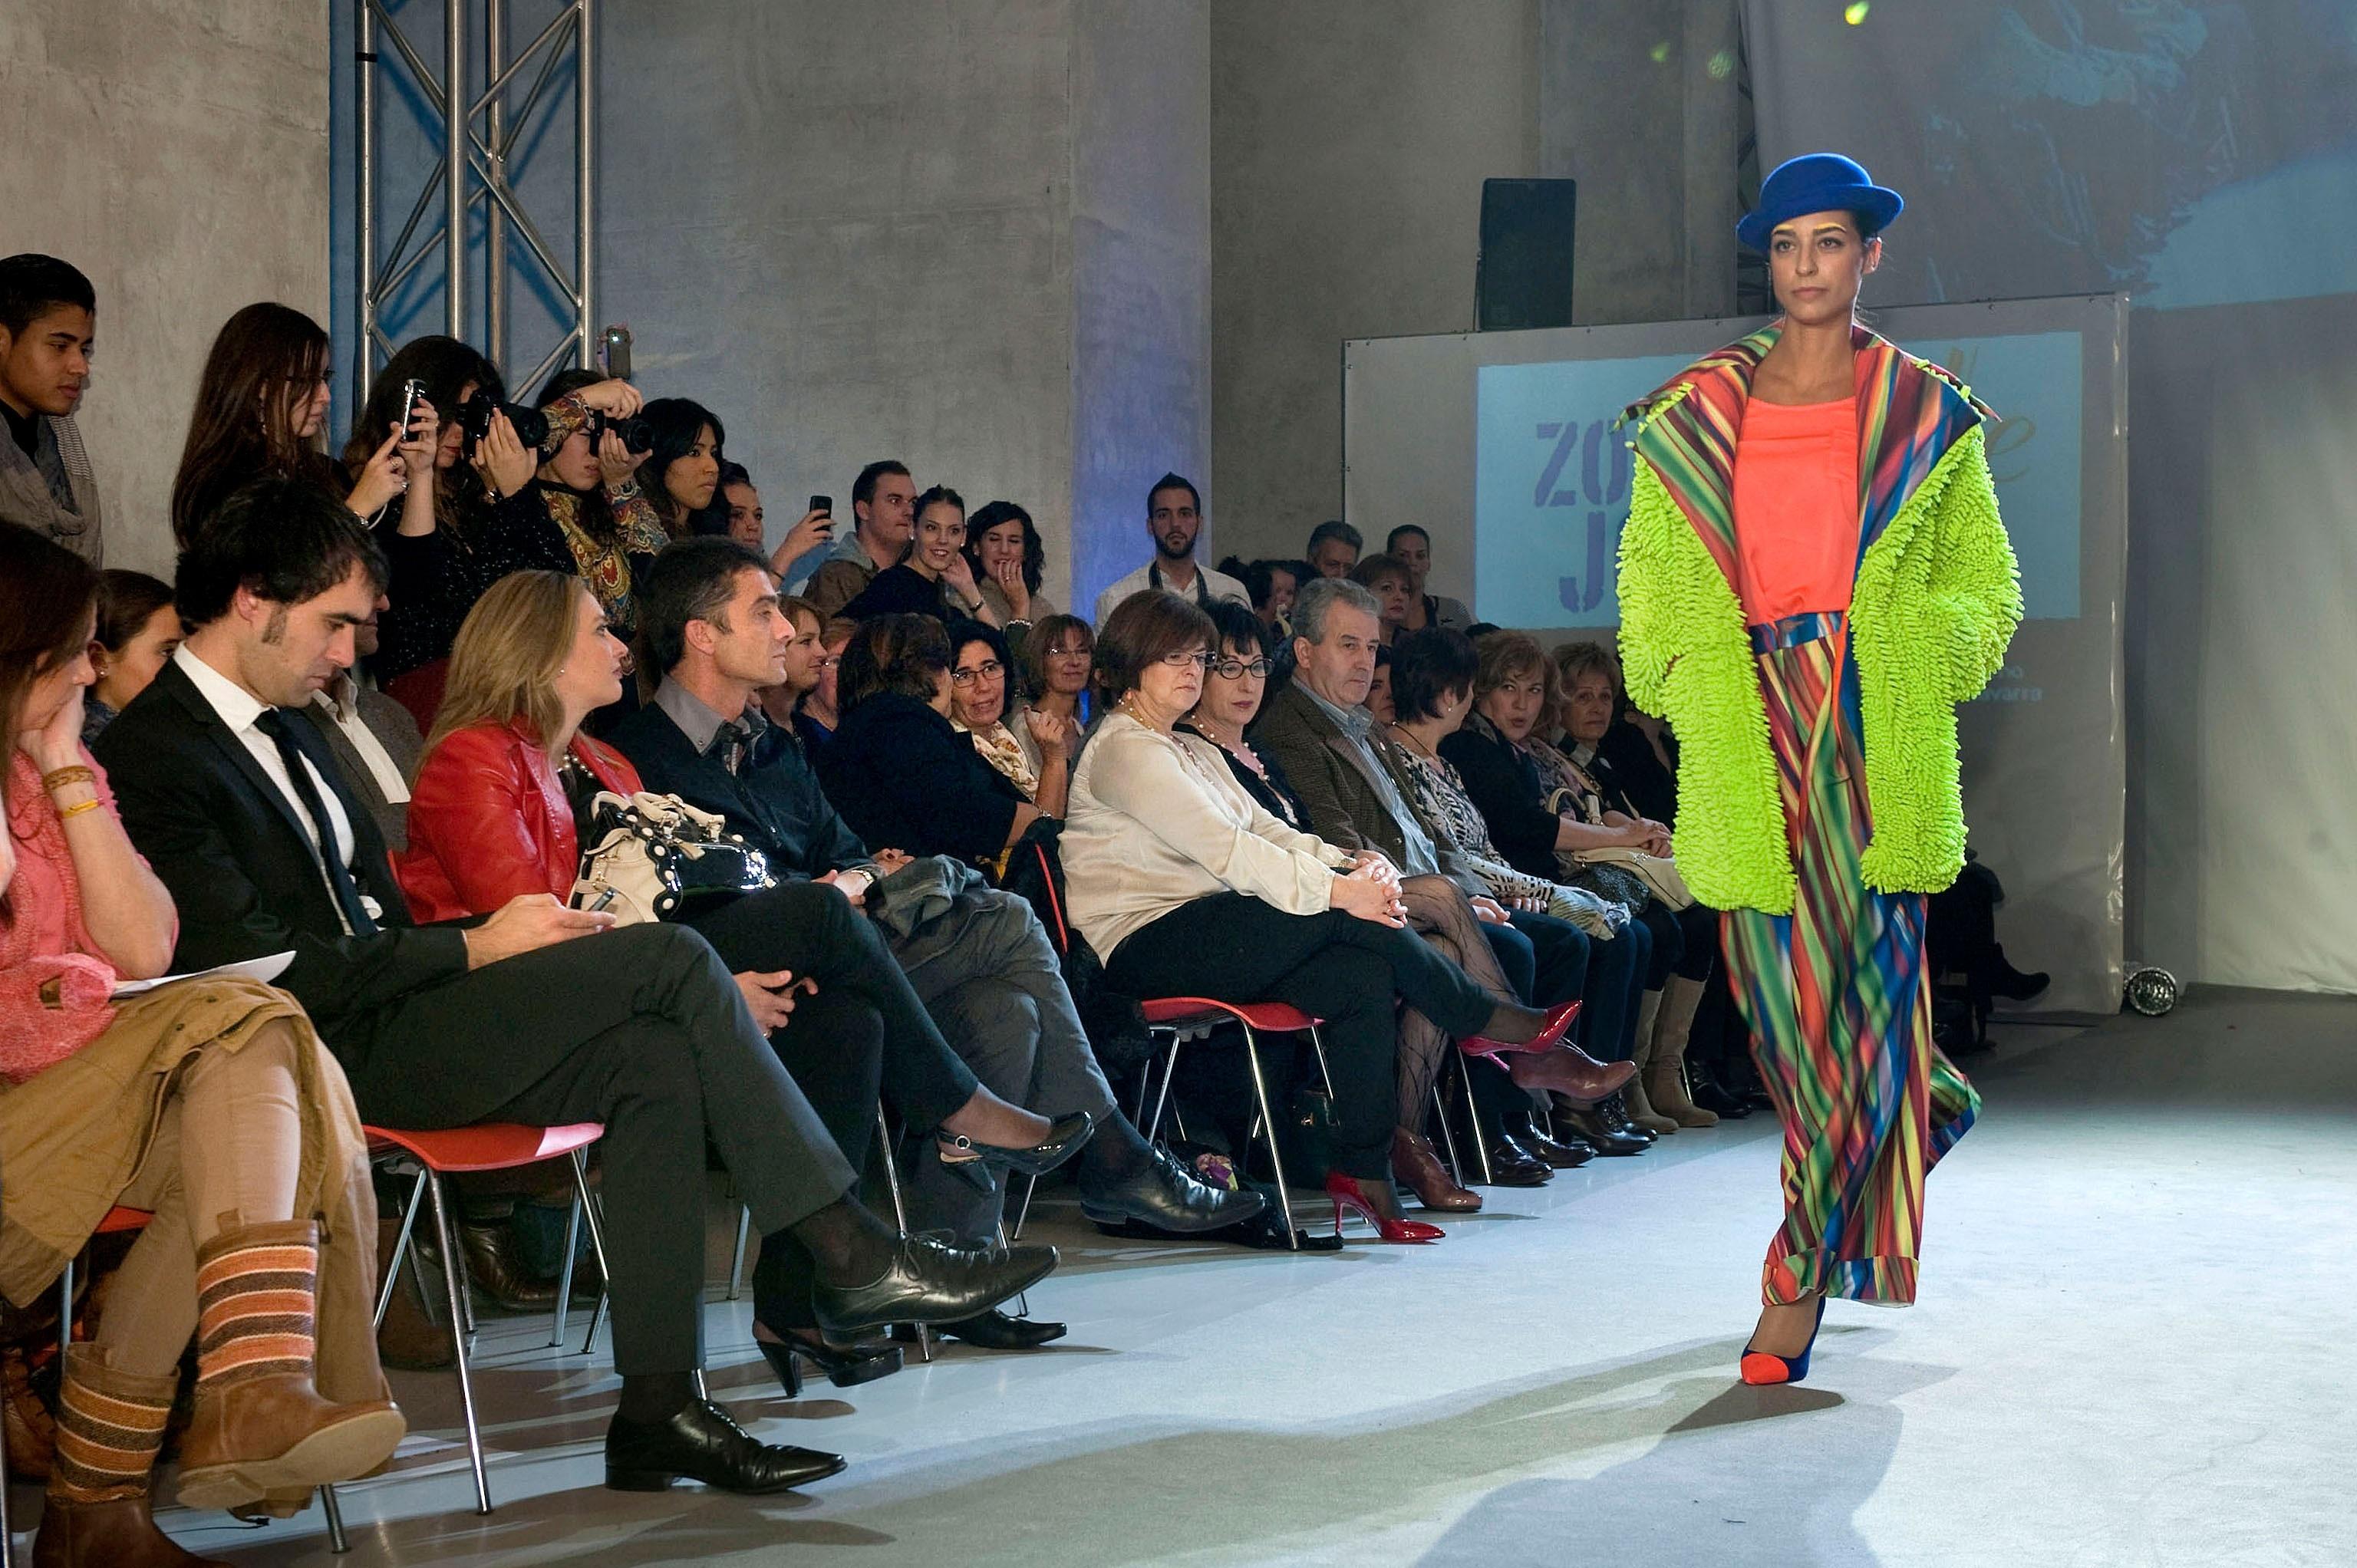 Mikel Colás, ganador de la categoría de moda del certamen artístico Zona Arte Joven